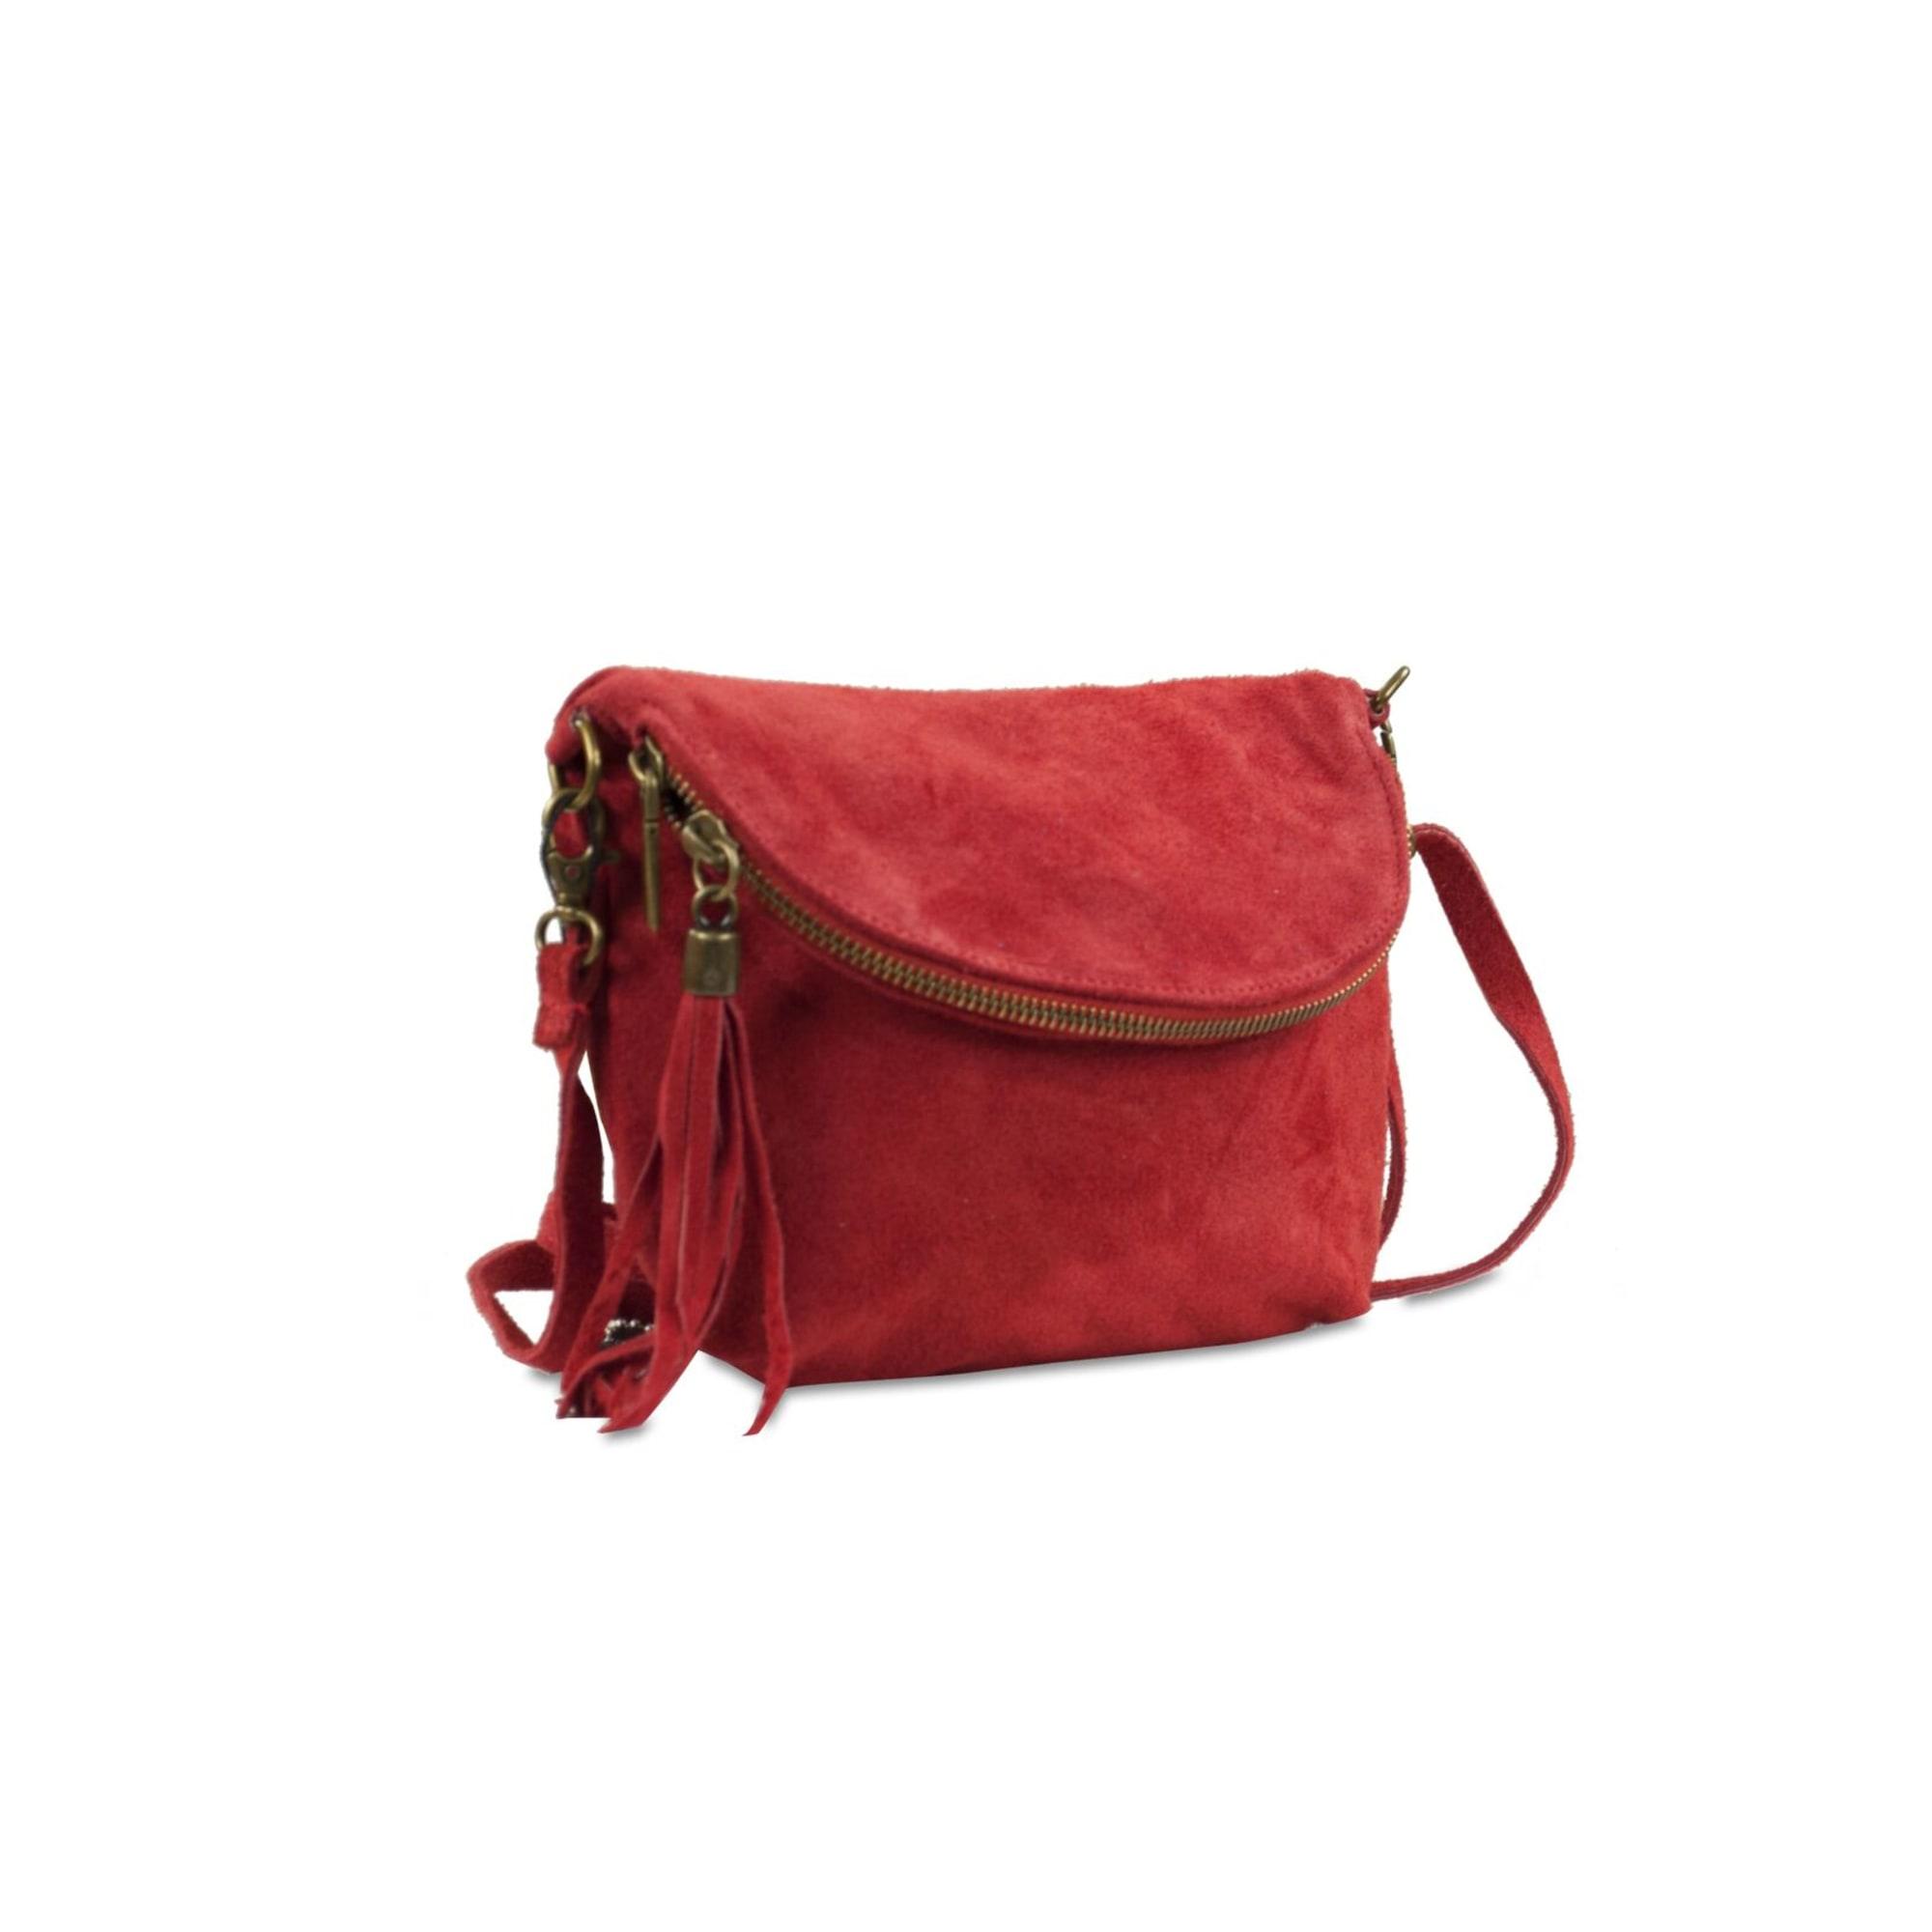 en en cuir Rouge BELOTTI bandoulière bordeaux Sac CARLA E1dq1F